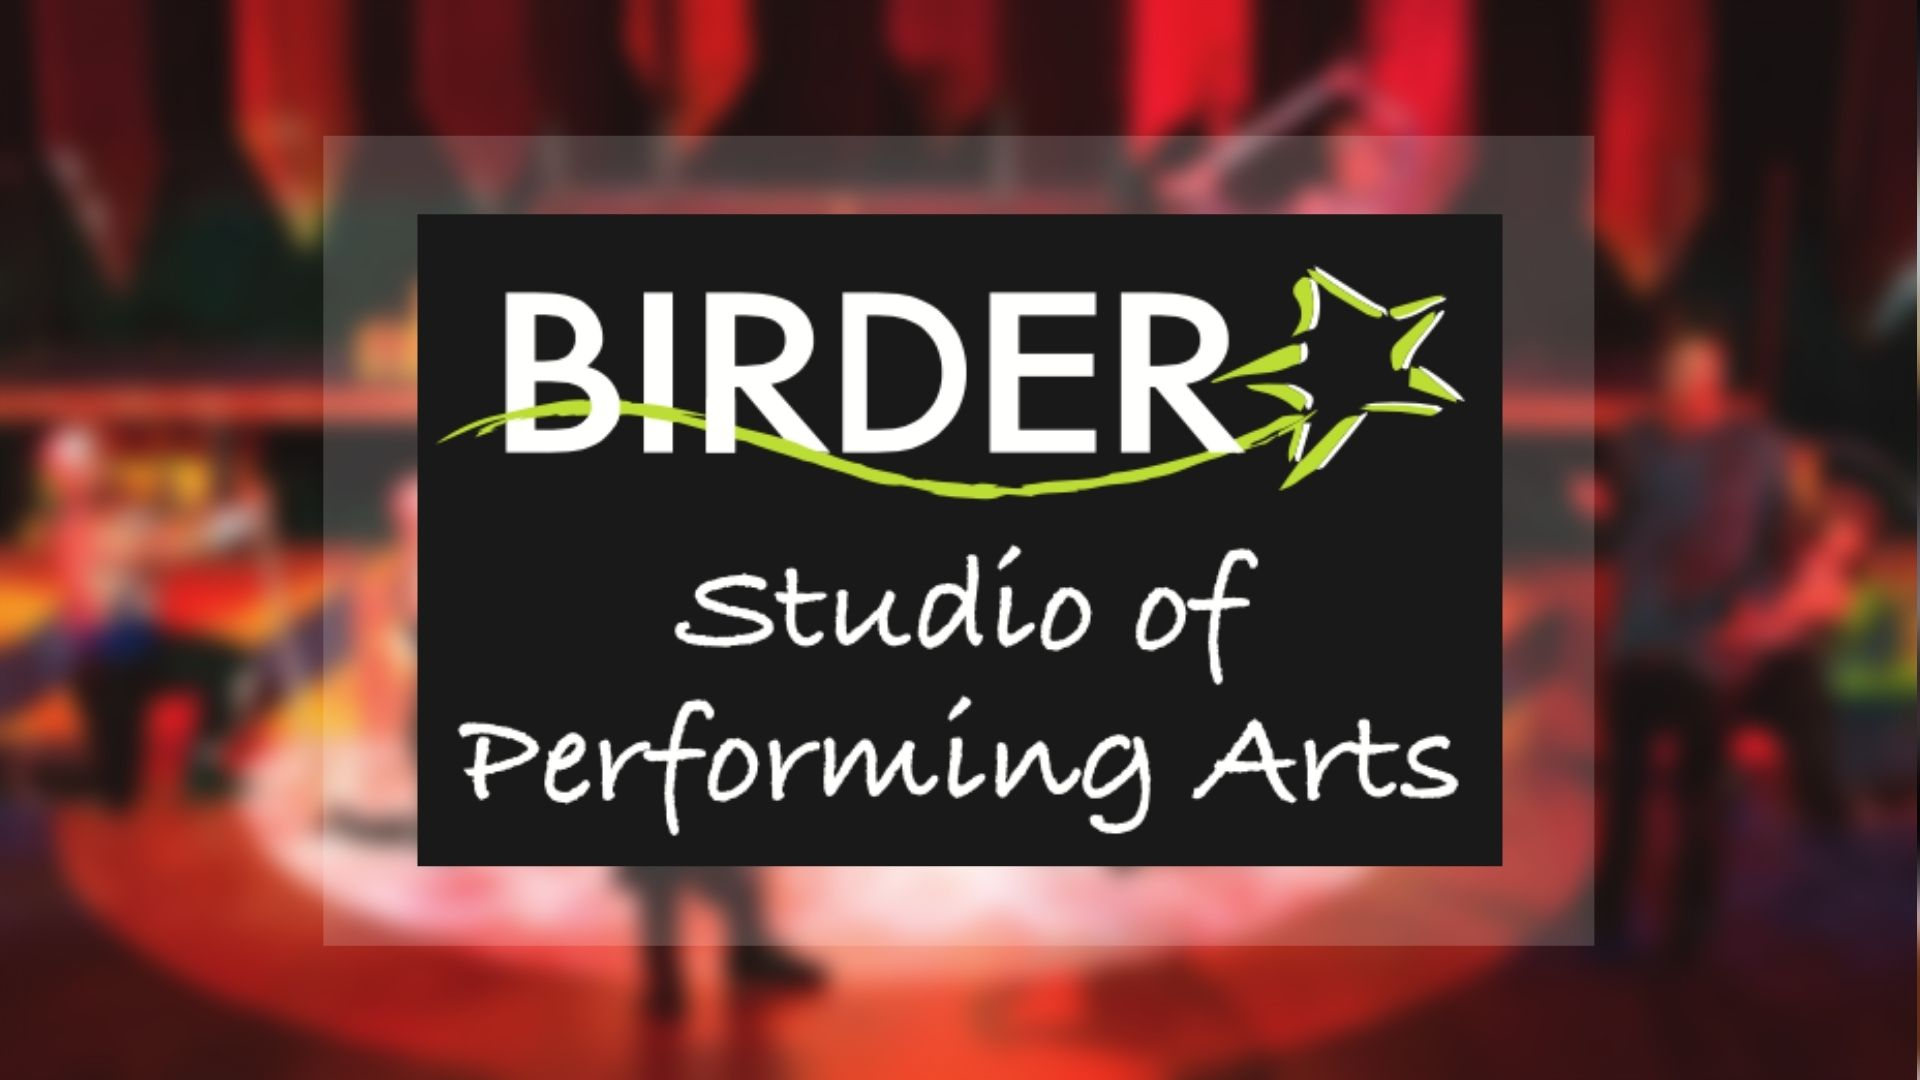 Birder on Broadway